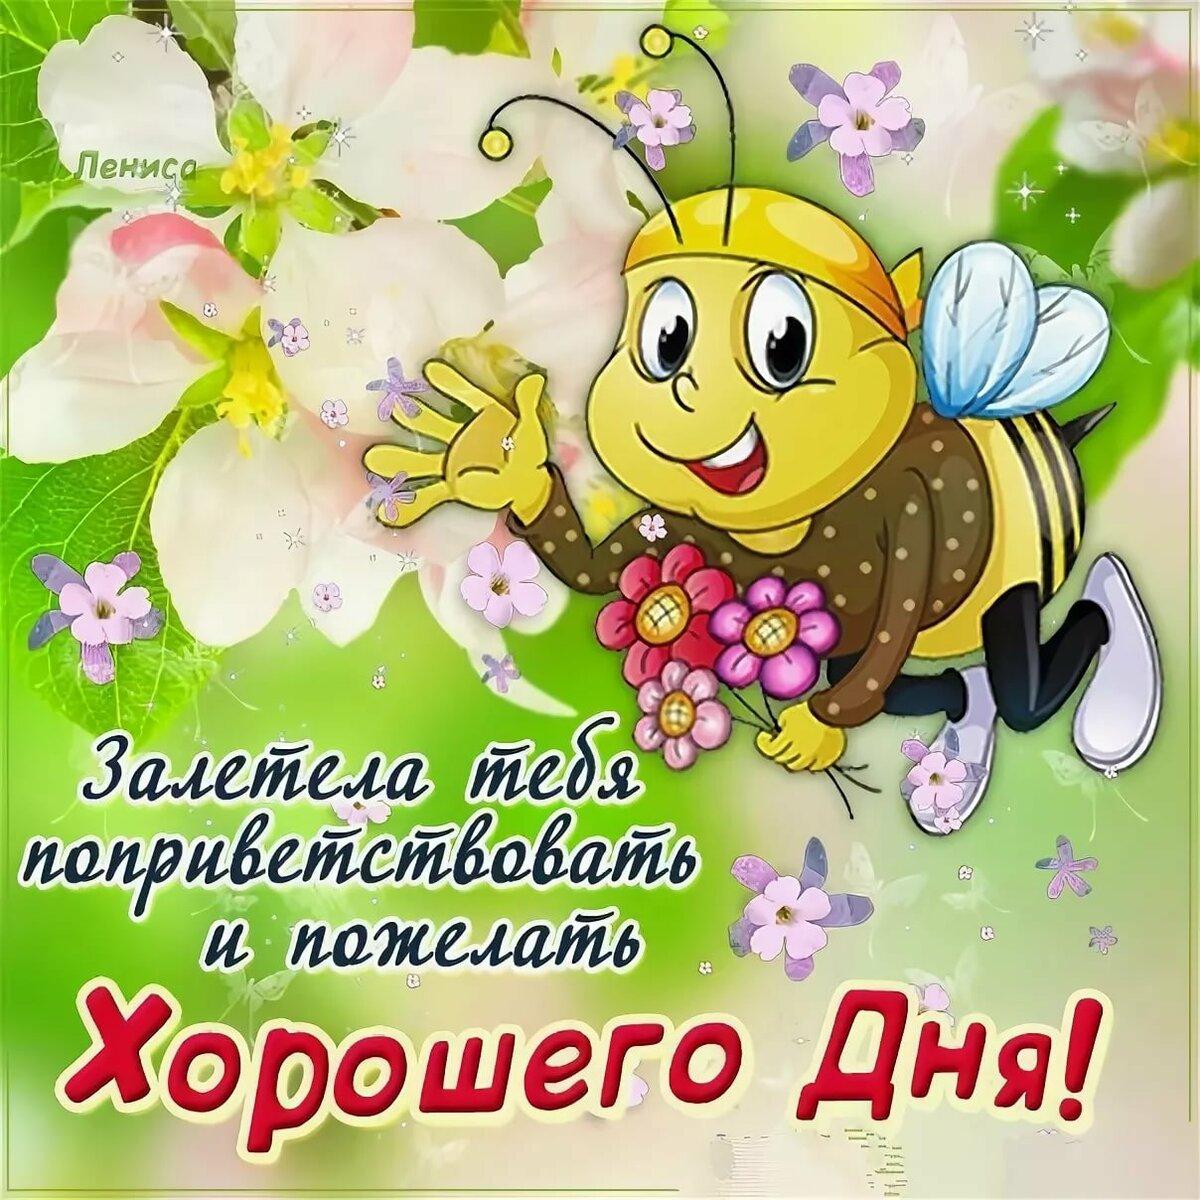 Пожелания хорошего дня поздравления